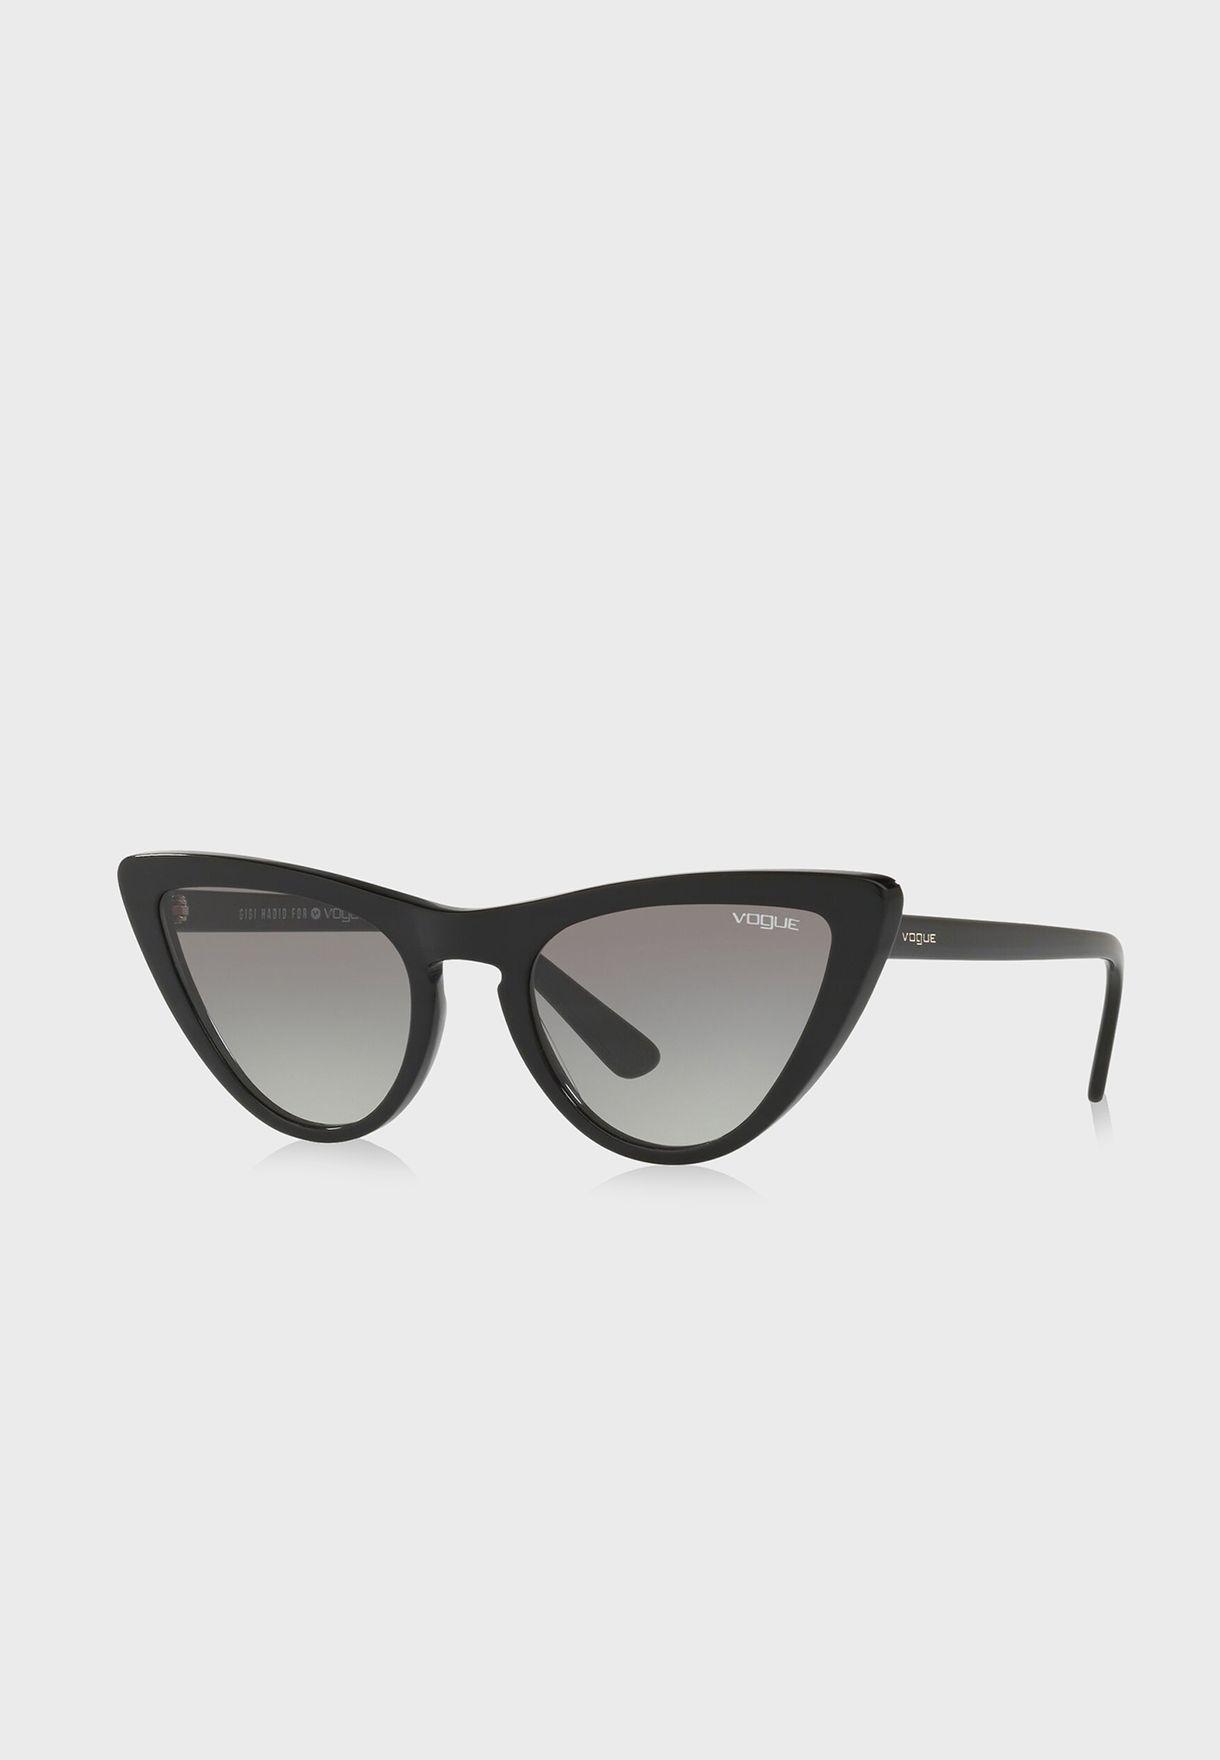 نظارة شمسية من مجموعة جيجي حديد